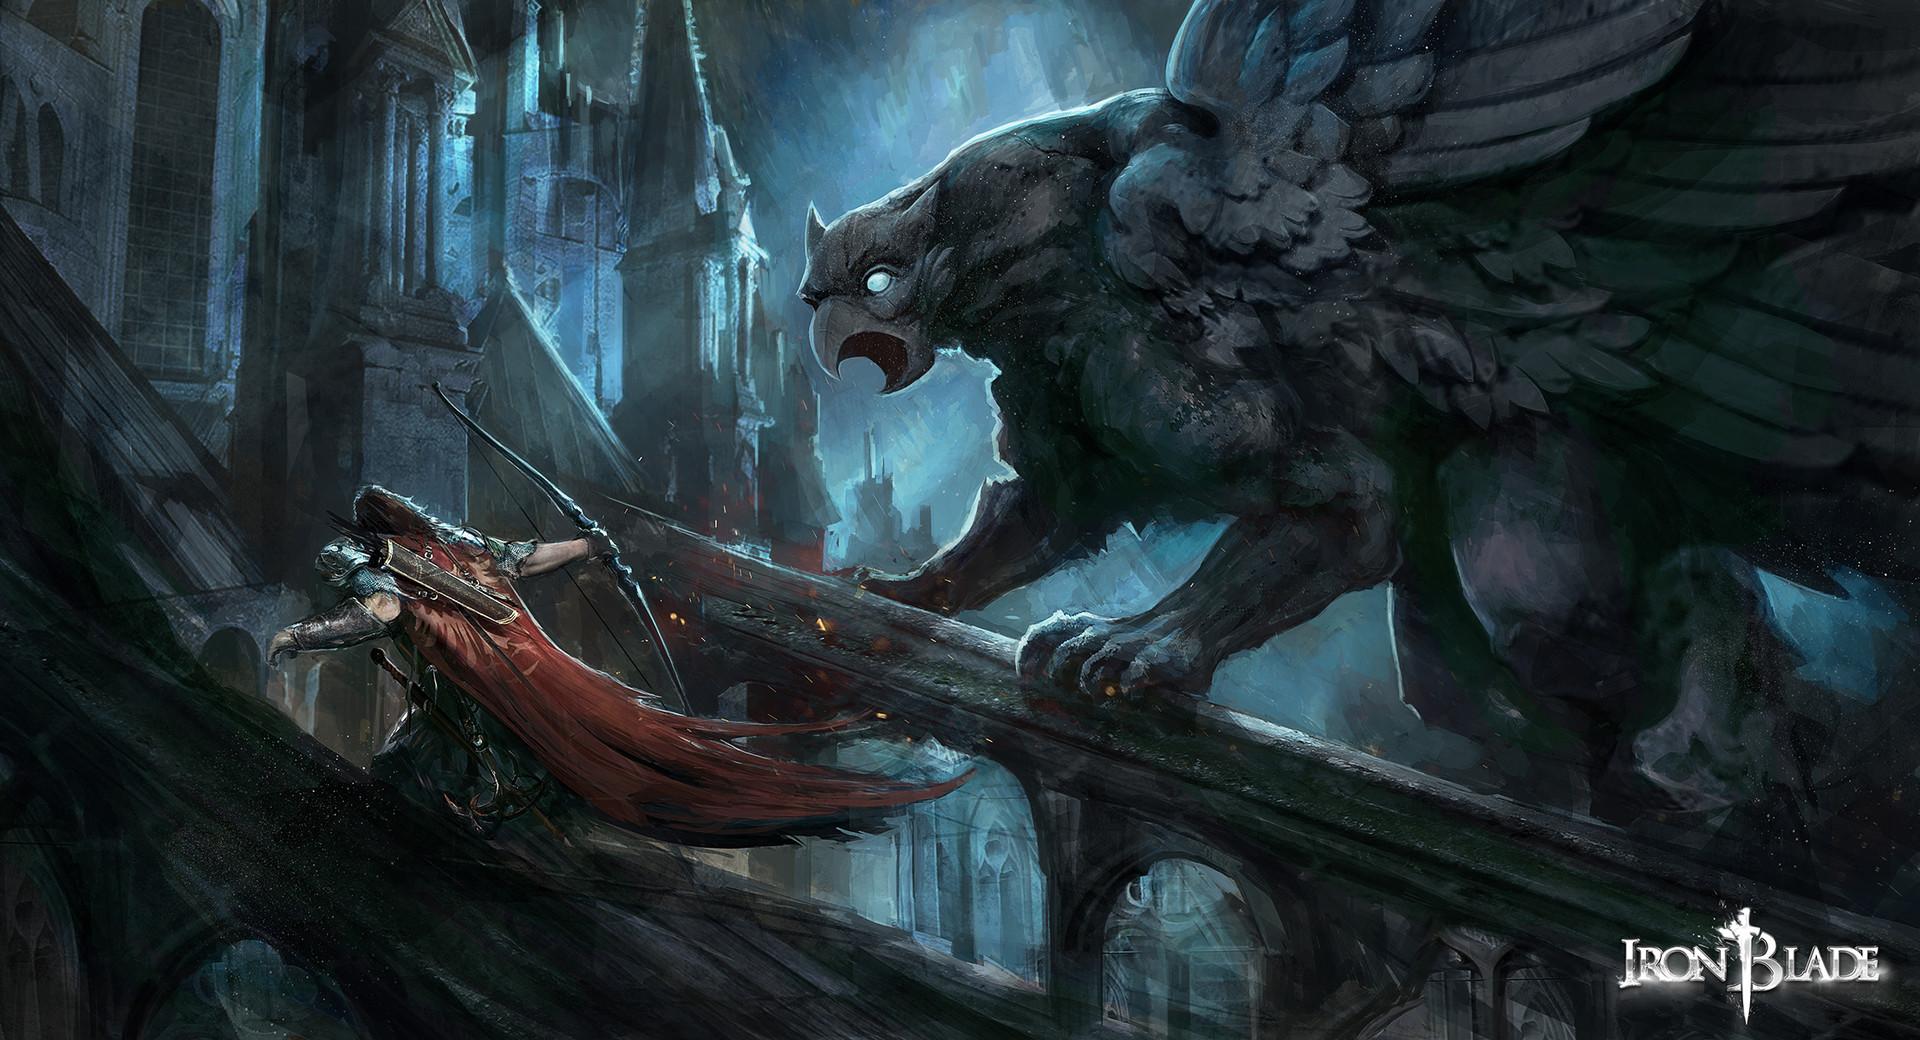 Alexandre chaudret gca fantasy illustration 02